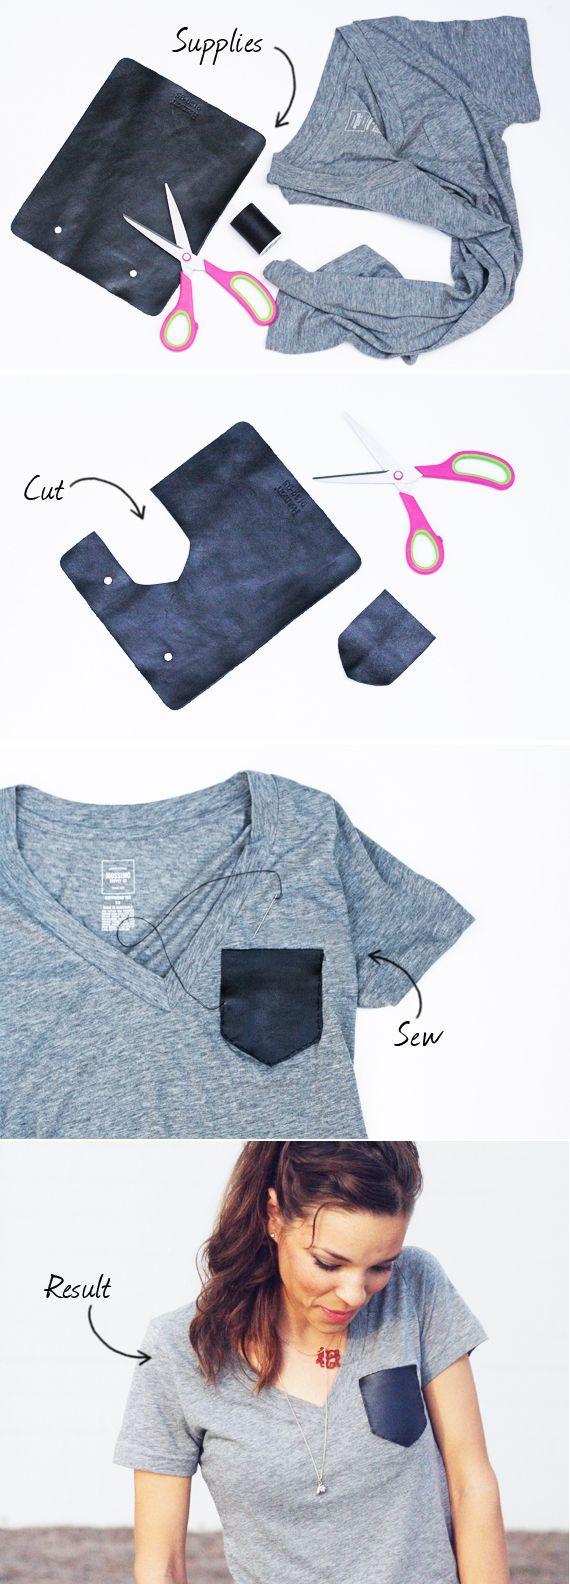 faire une poche sur un t-shirt